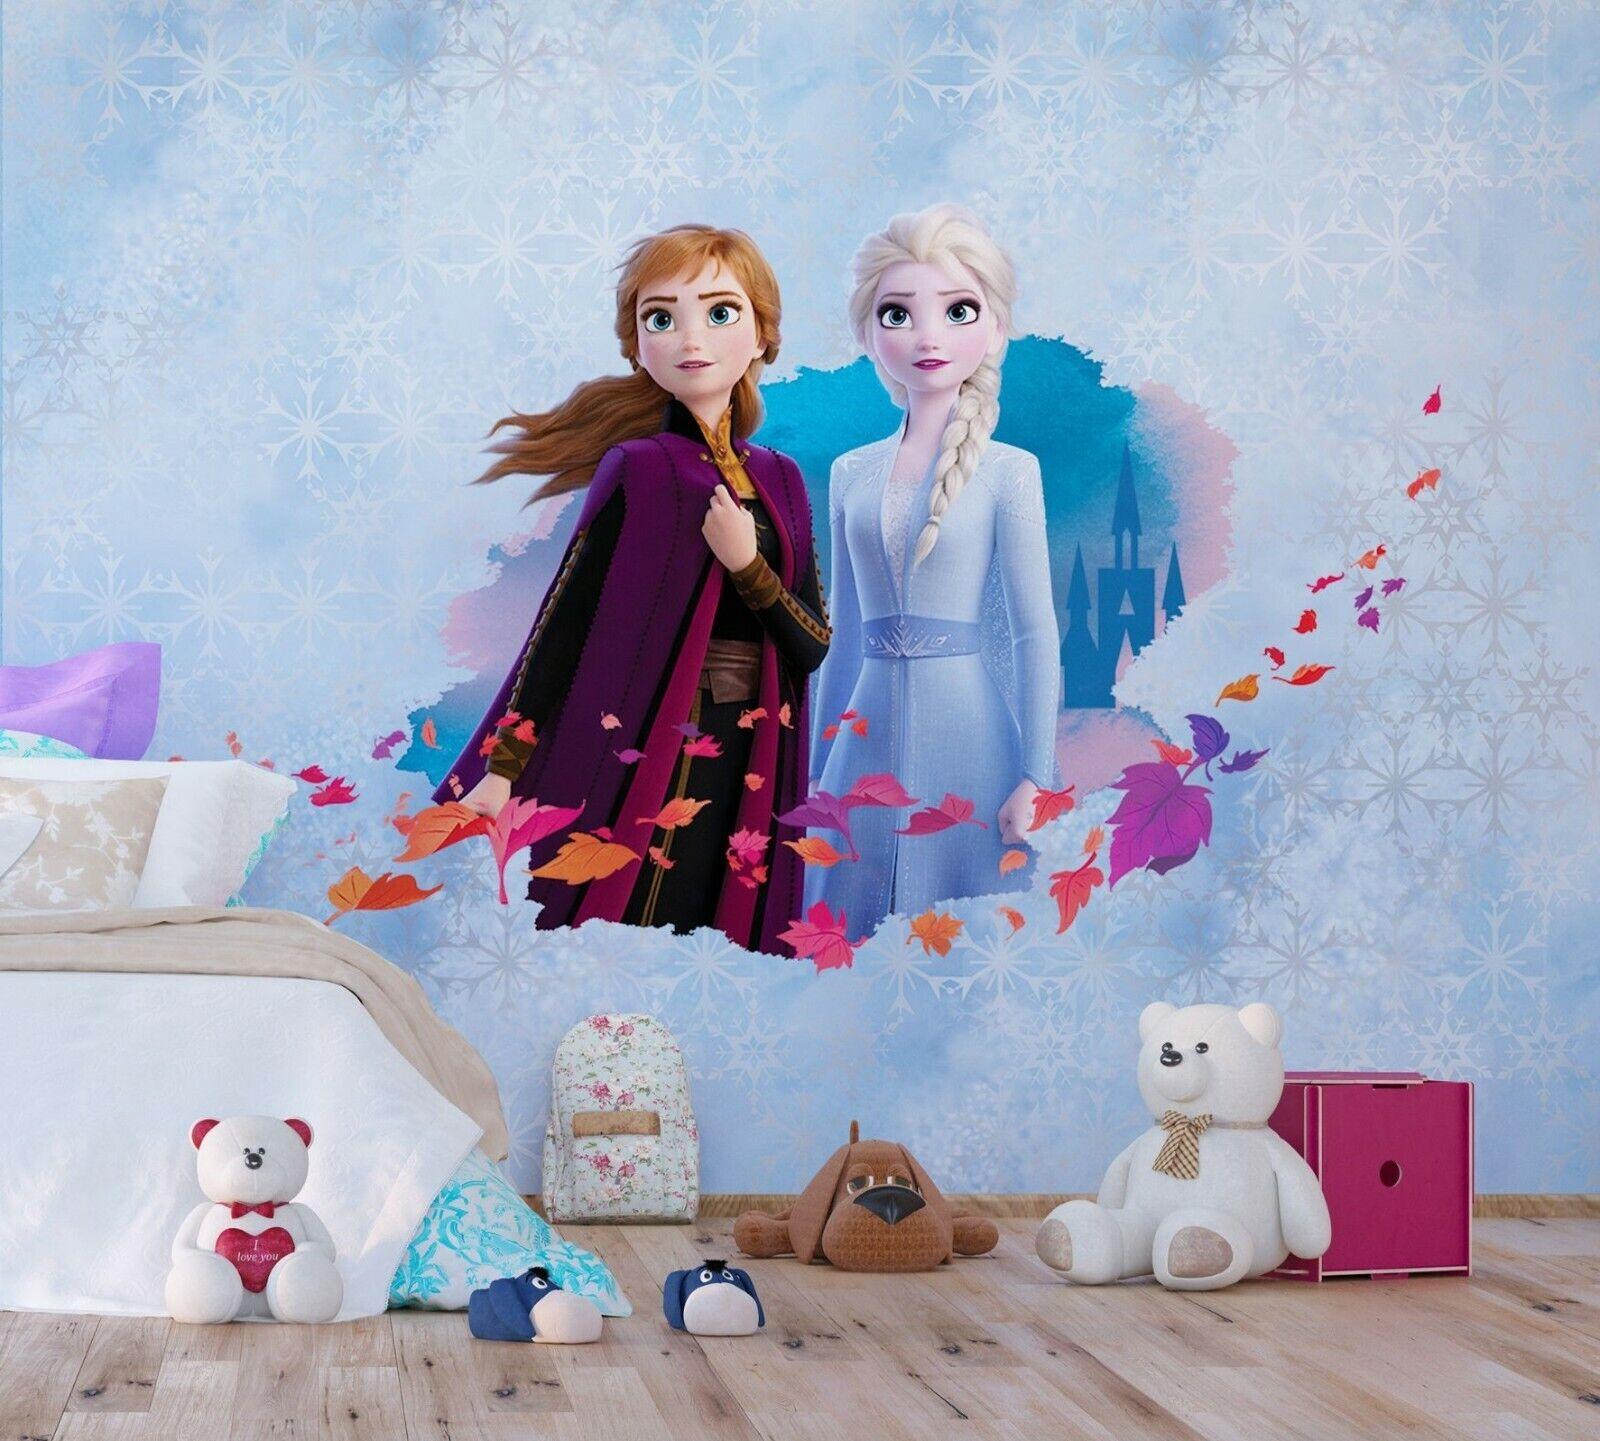 Disney Wall Mural Wallpaper Children S Bedroom Frozen 2 Elsa Anna